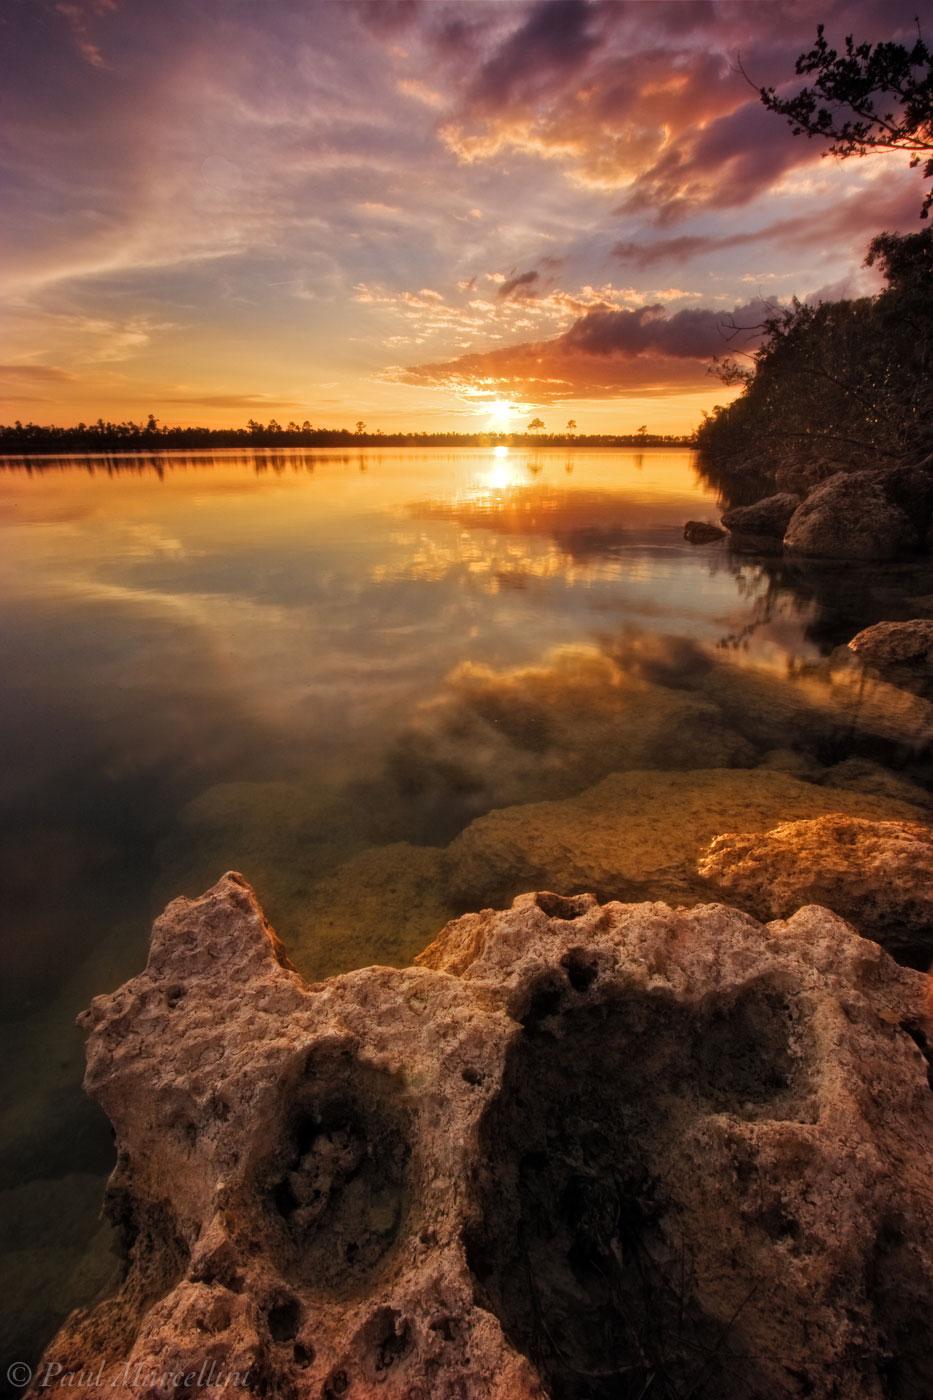 sunset, everglades, lake, reflection, Florida, nature, photography, florida national parks, photo